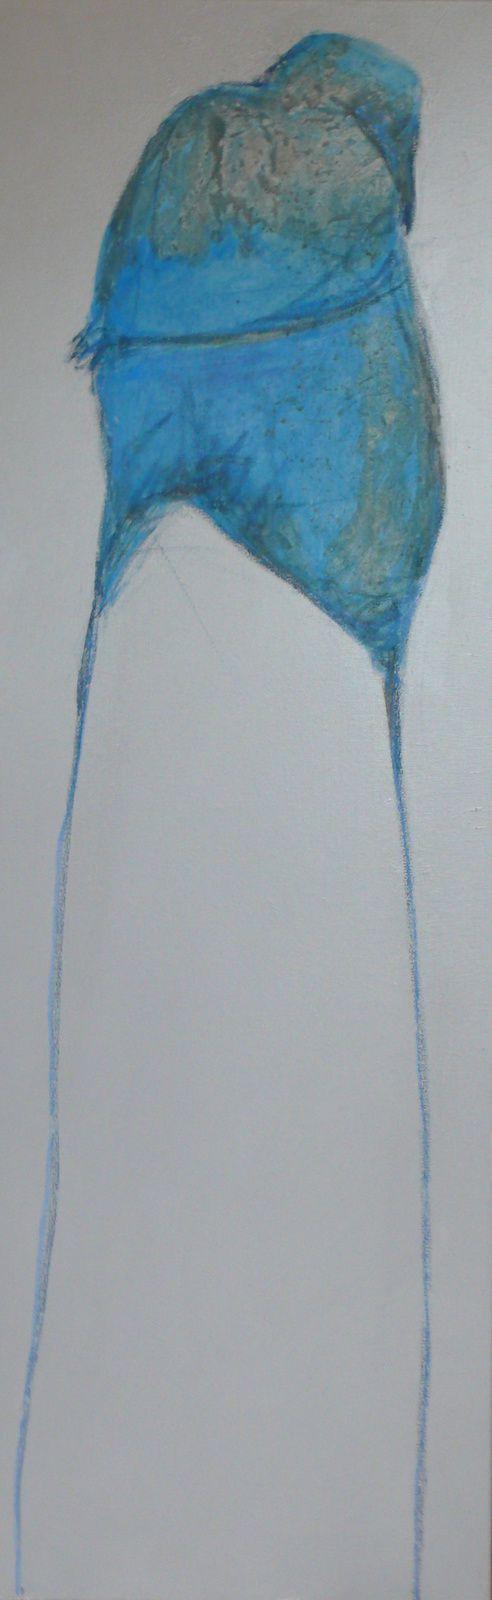 27 juillet au 09 août - Rachel LA PRAIRIE (peintre, plasticienne)